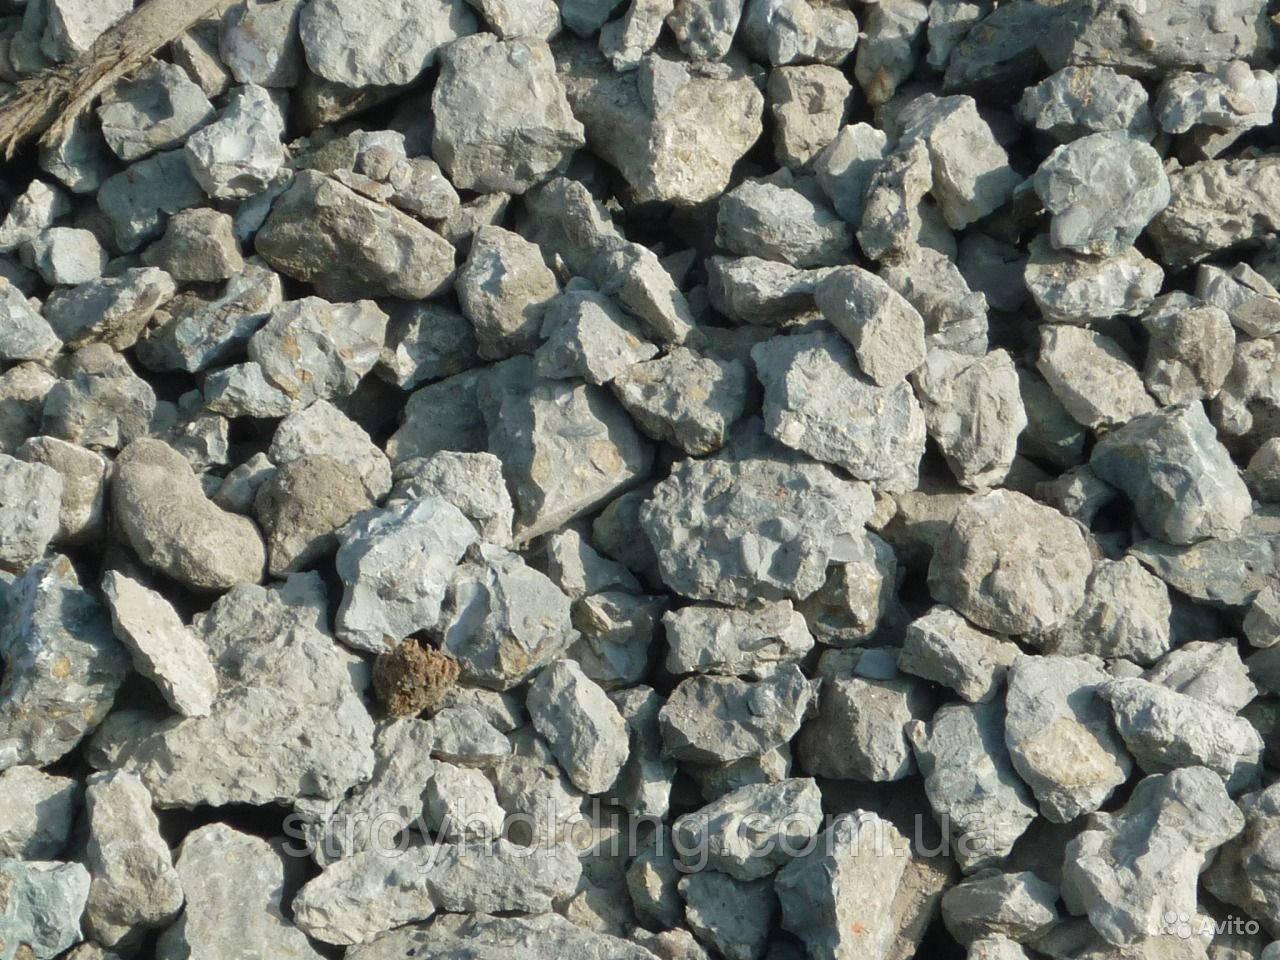 Дробленый бетон, щебень из бетона, вторичный щебень, щебеночная смесь (Одесса)